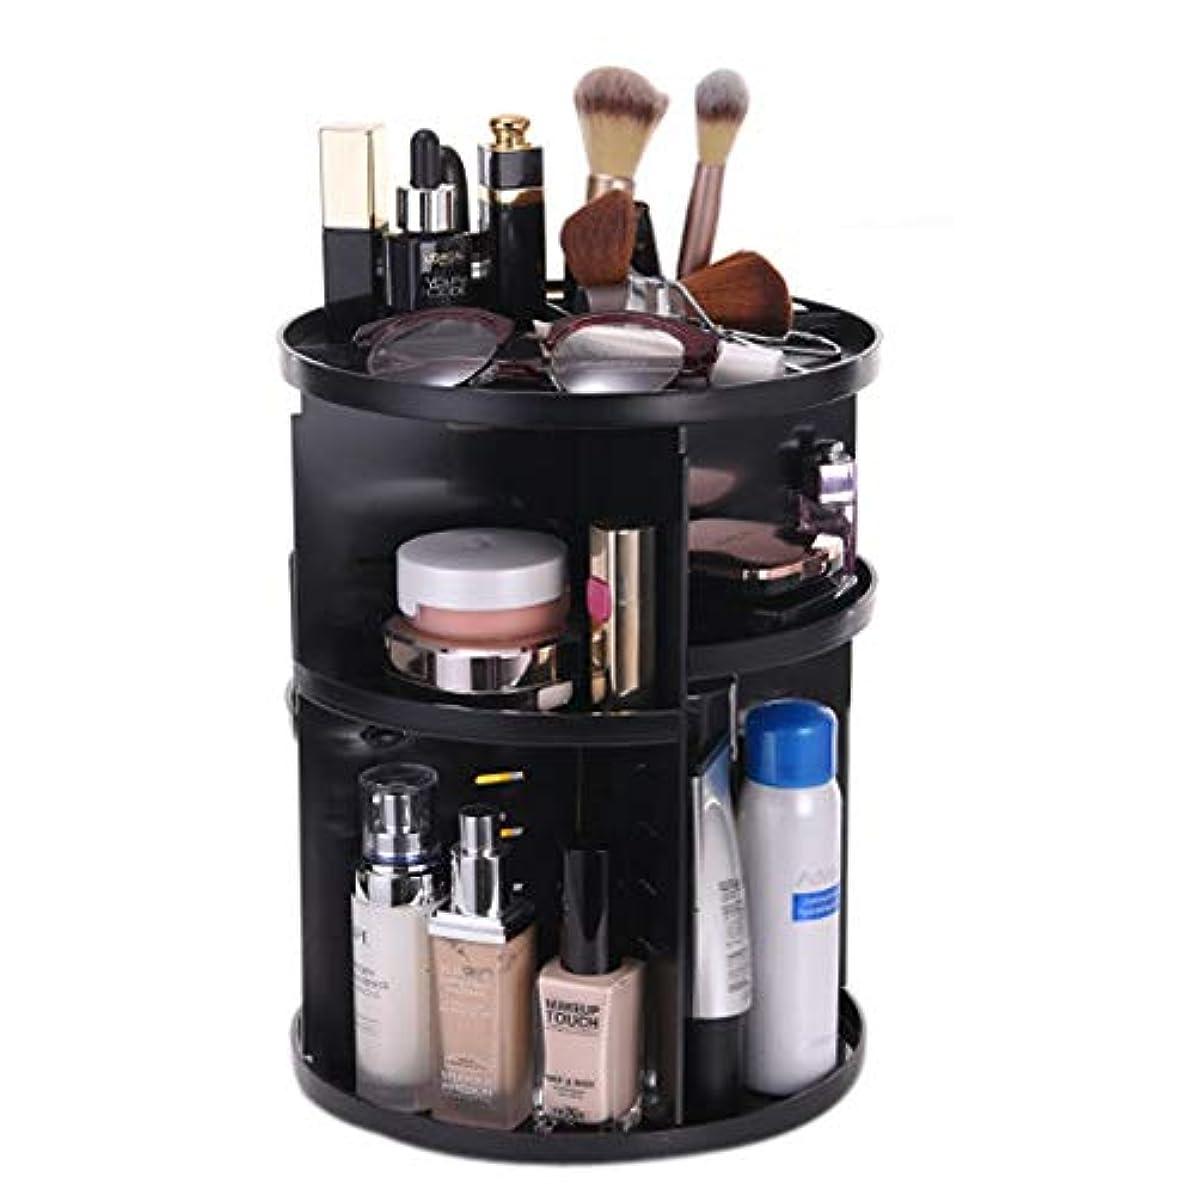 リーク規則性禁じるwinkong 化粧コスメ収納ボックス アブラック 化粧品収納 360度回転 調整可能 大容量 多機能 クリルケース メイクケース